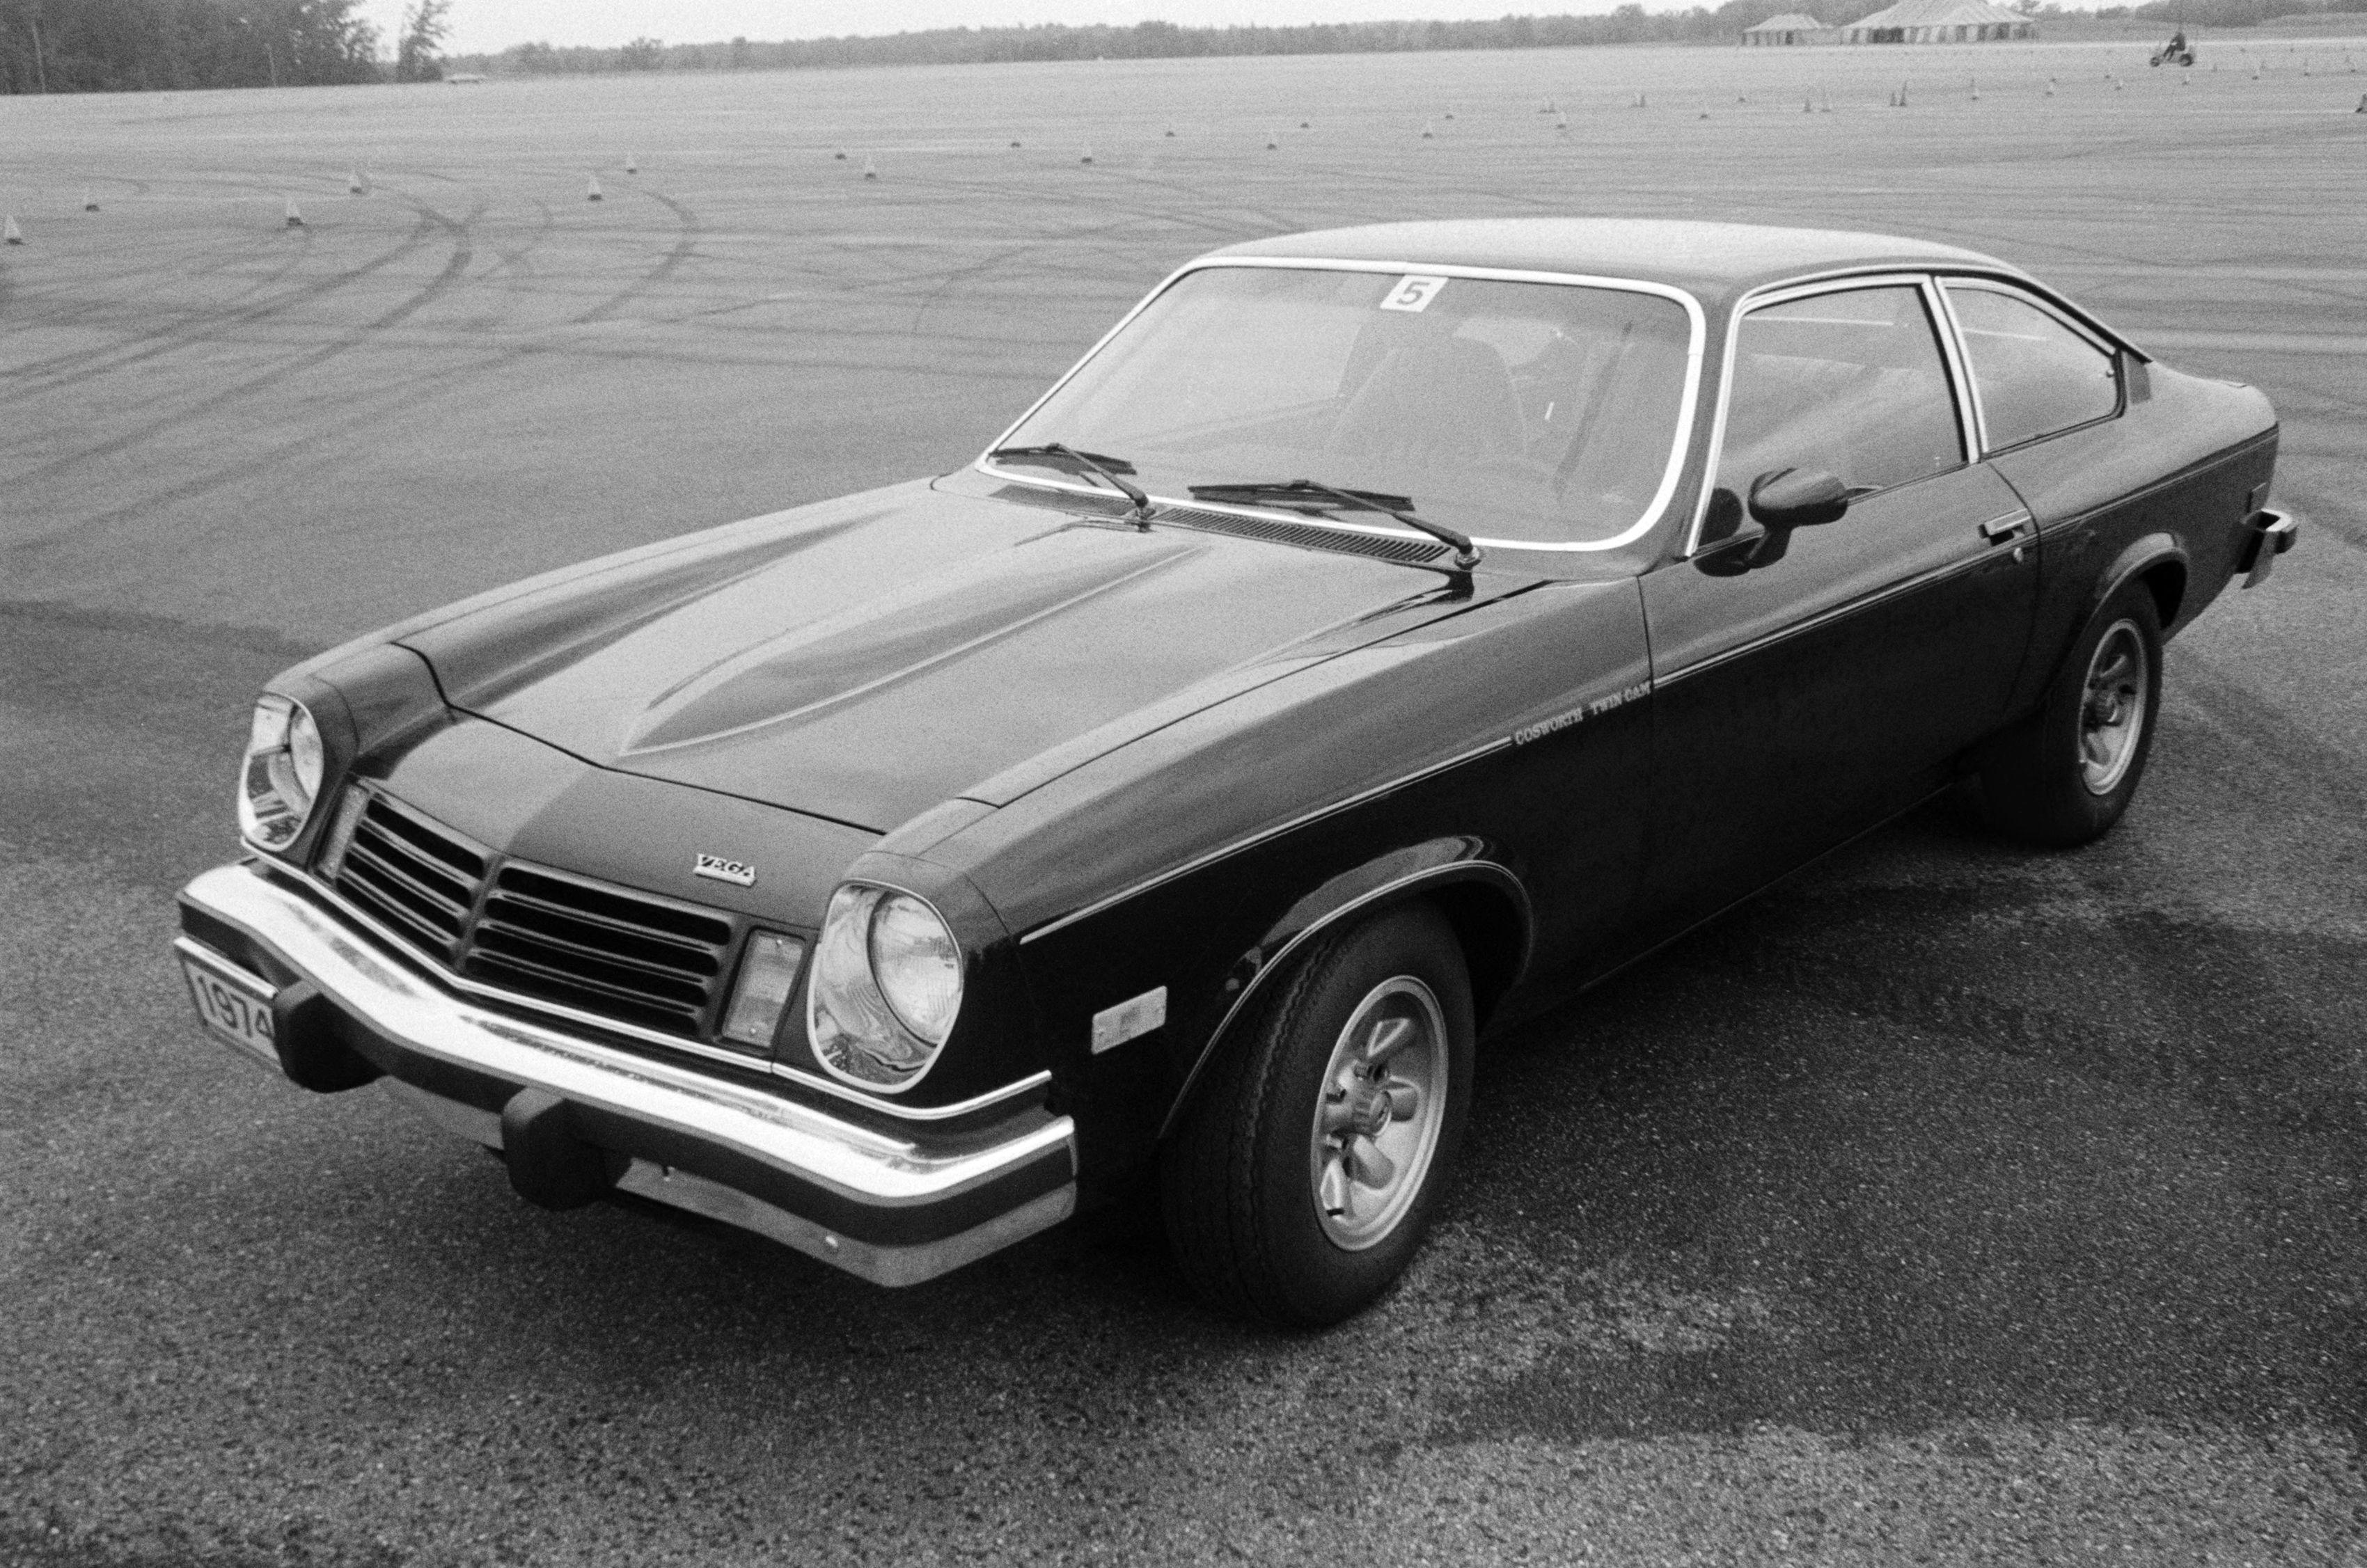 1974 Chevrolet Cosworth Vega Hatchback Coupe 1v 77